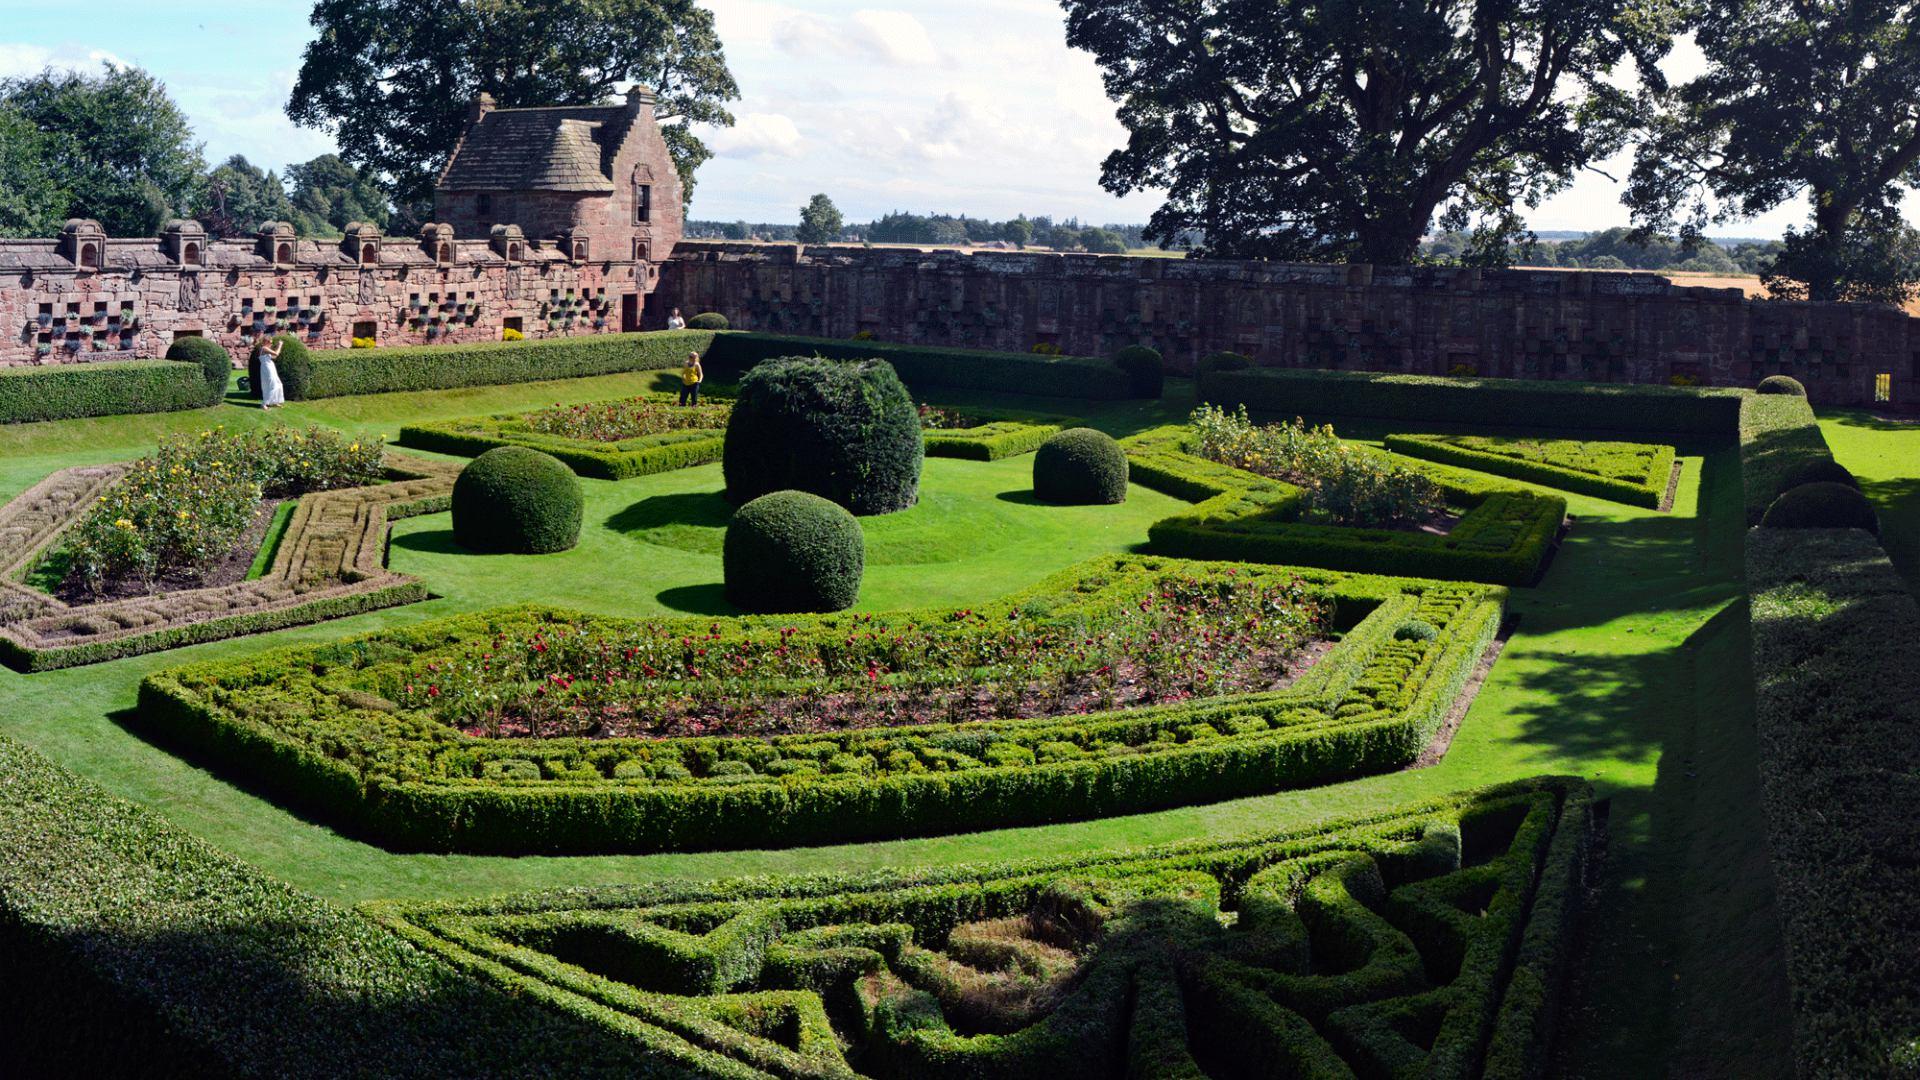 Merveilleux Walled Garden